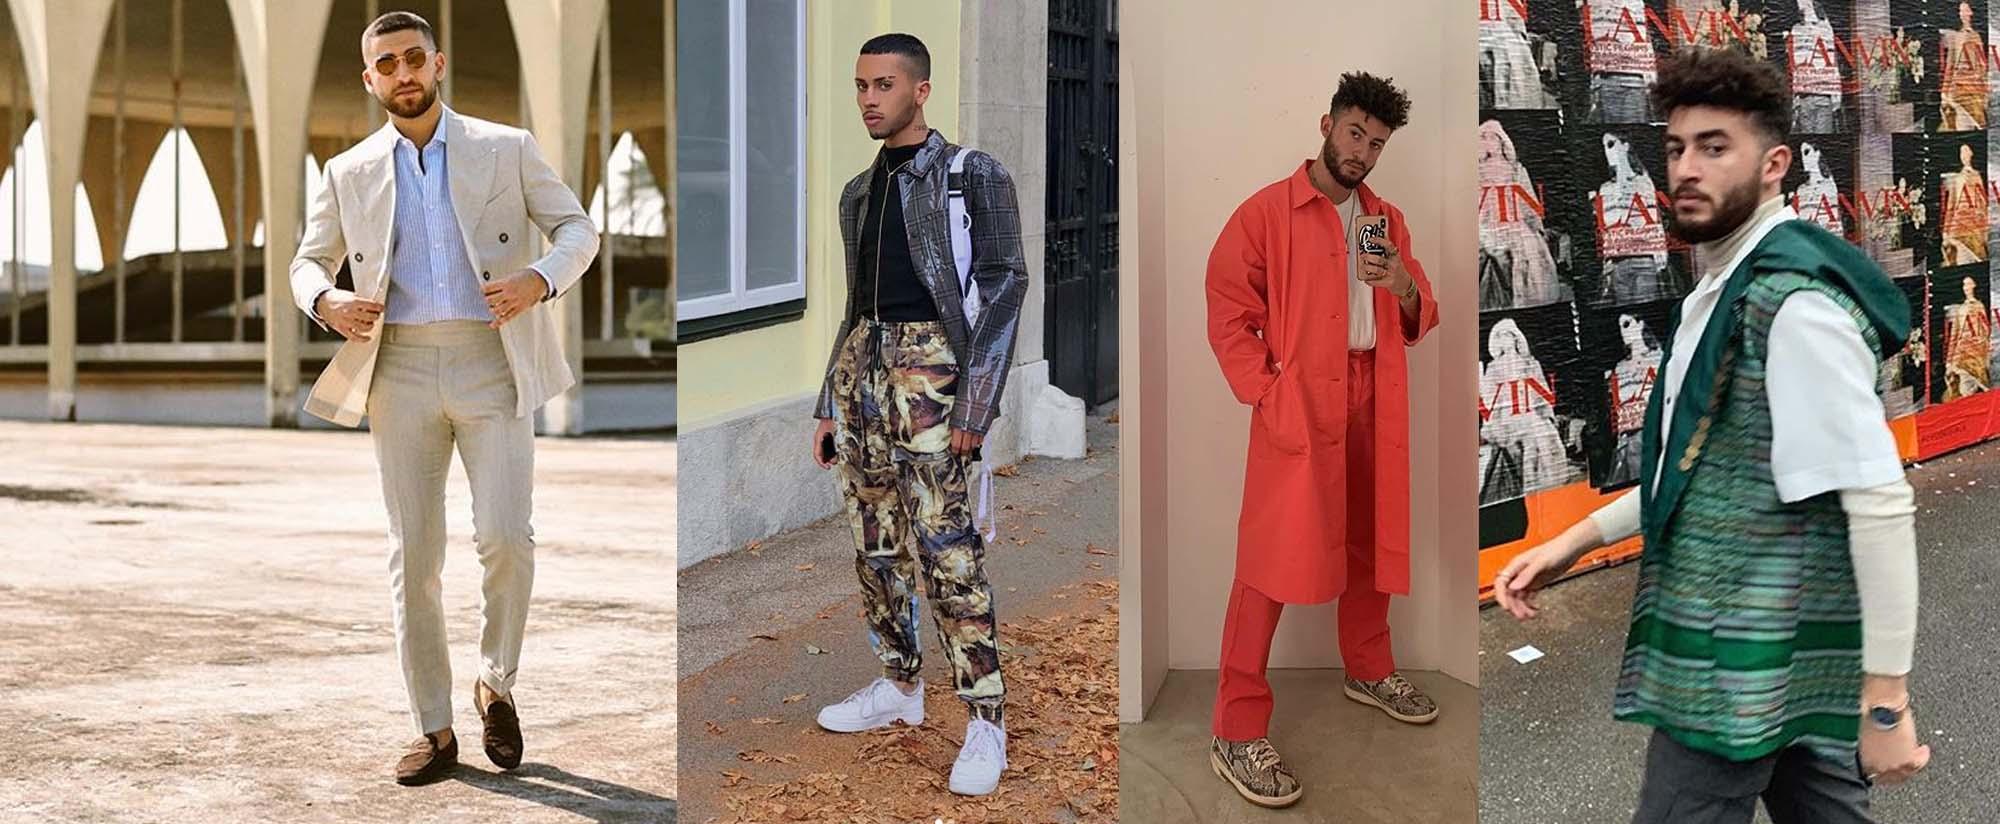 אופנת גברים ערבים. צילומים: אינסטגרם